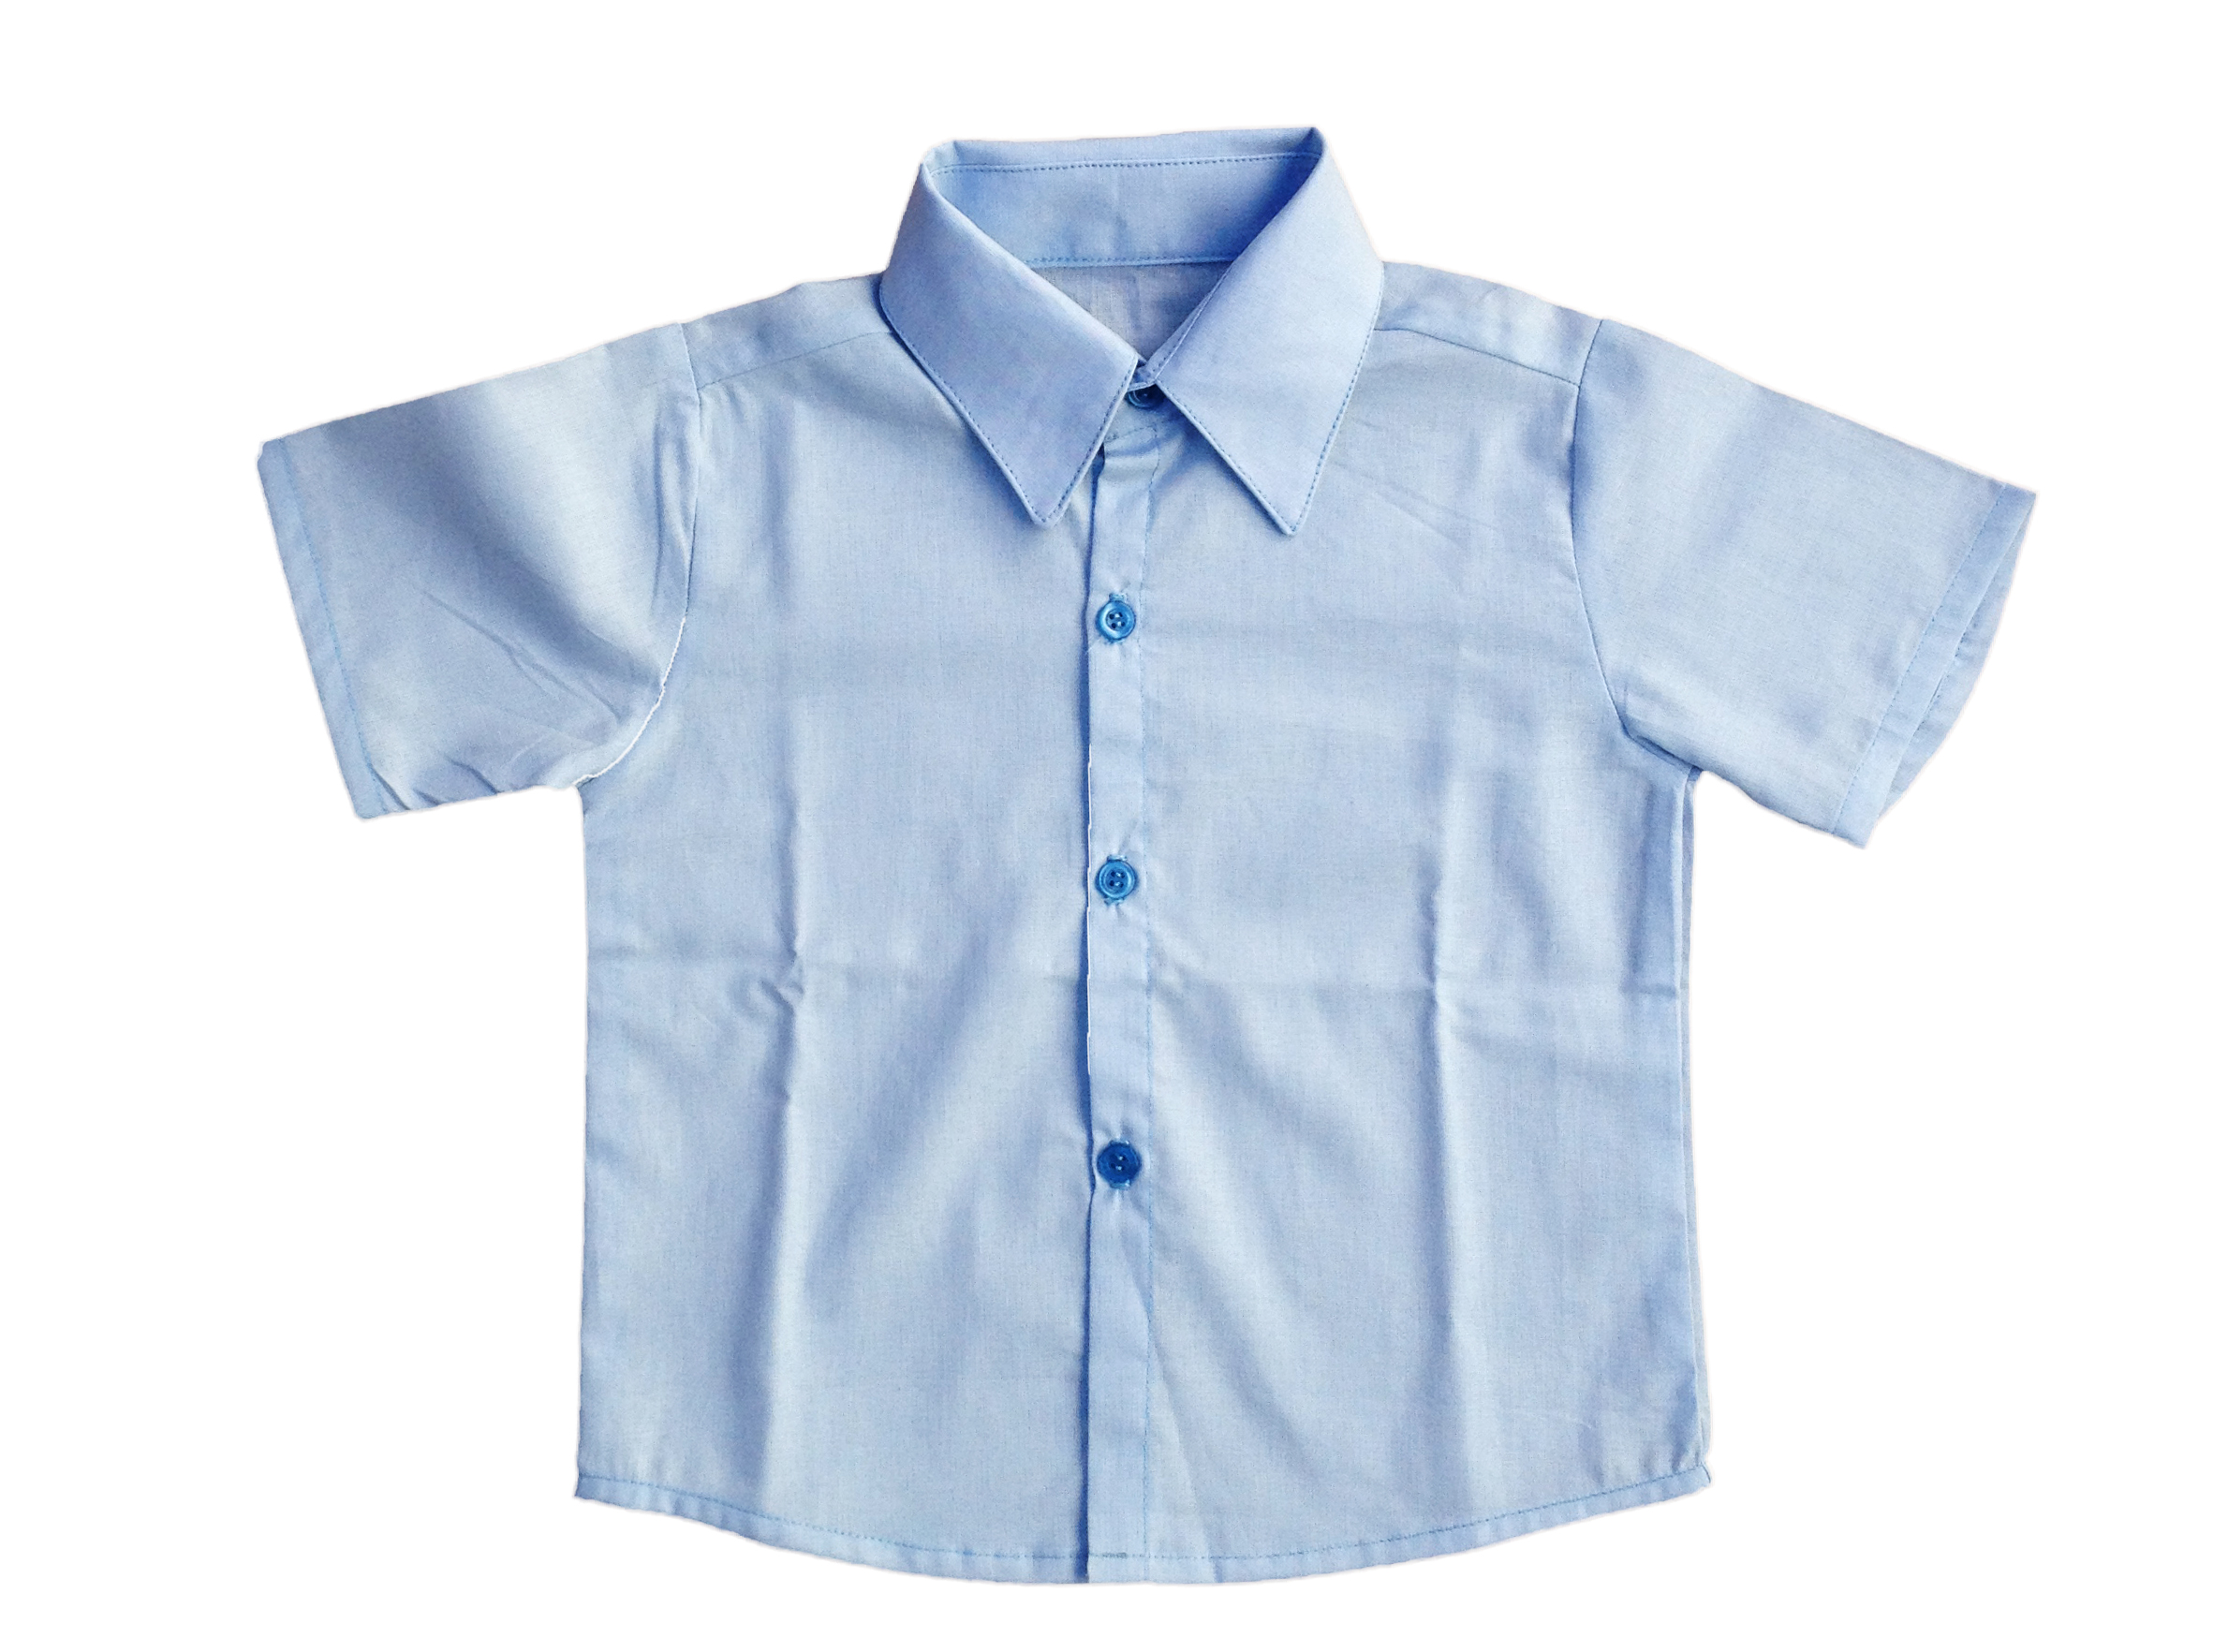 fb96c9db17 Camisa Social Azul Tiffany